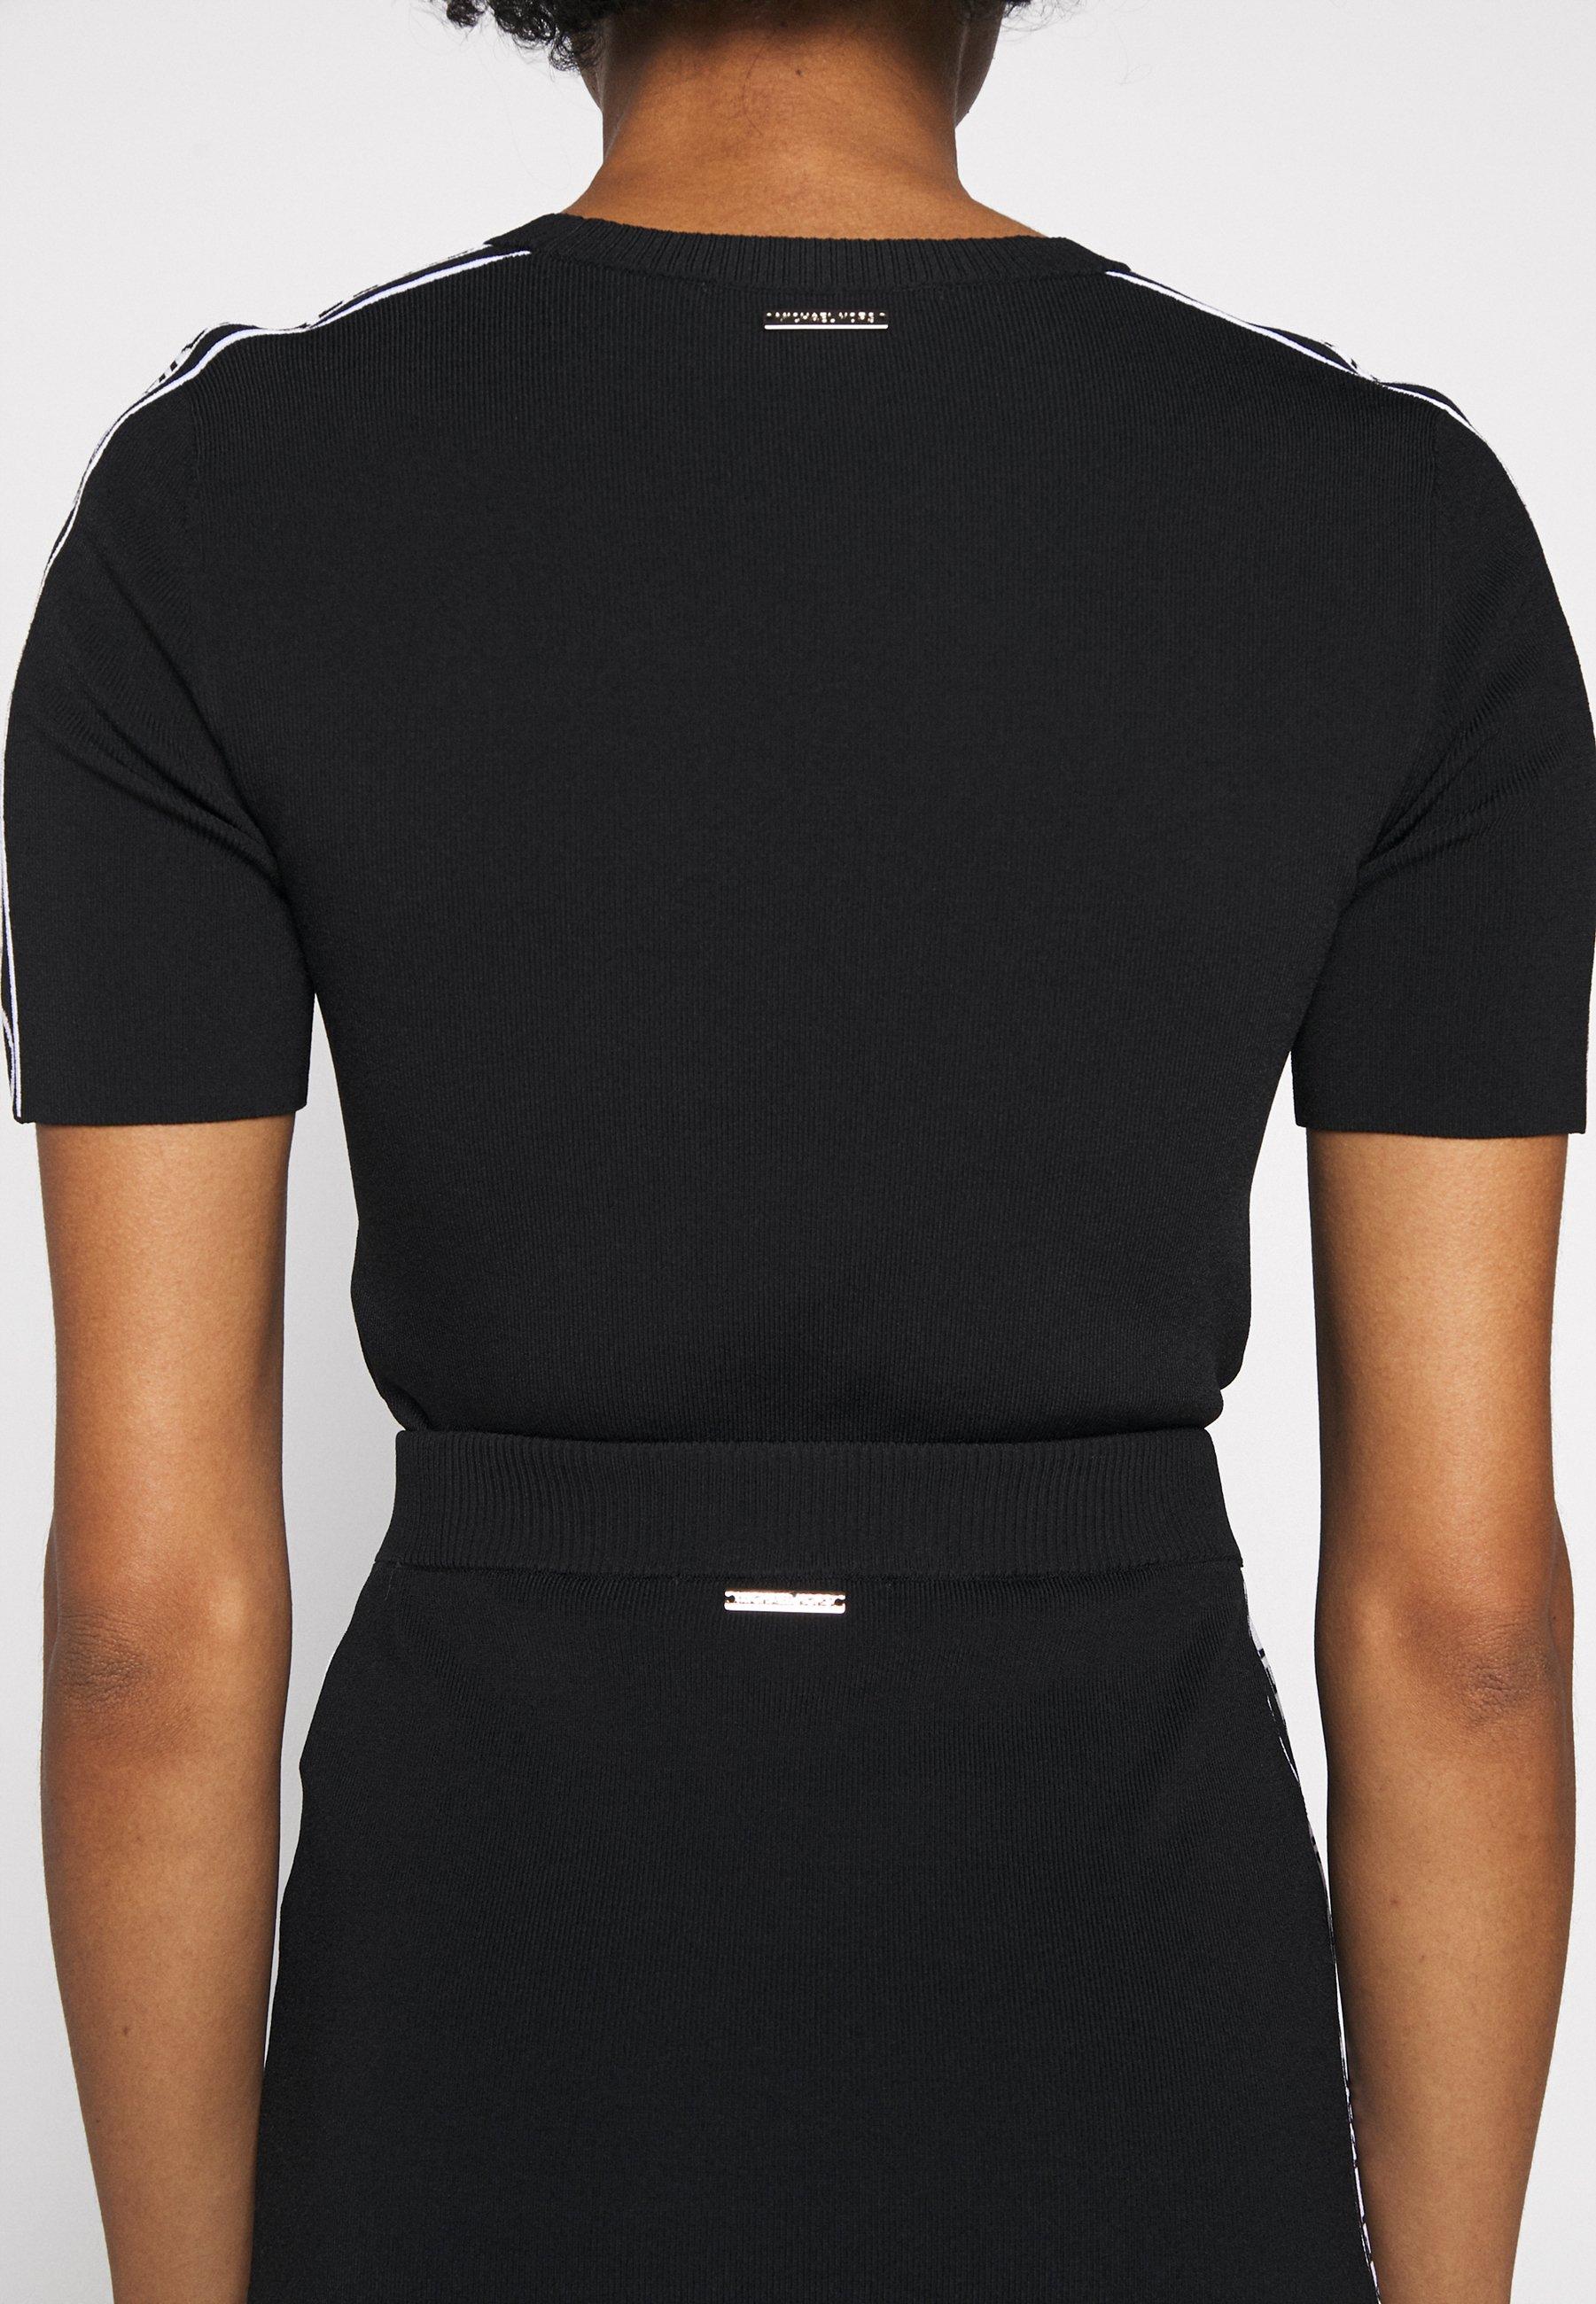 2020 Women's Clothing MICHAEL Michael Kors TAPE TUBE SKIRT Pencil skirt black uht8N82c2